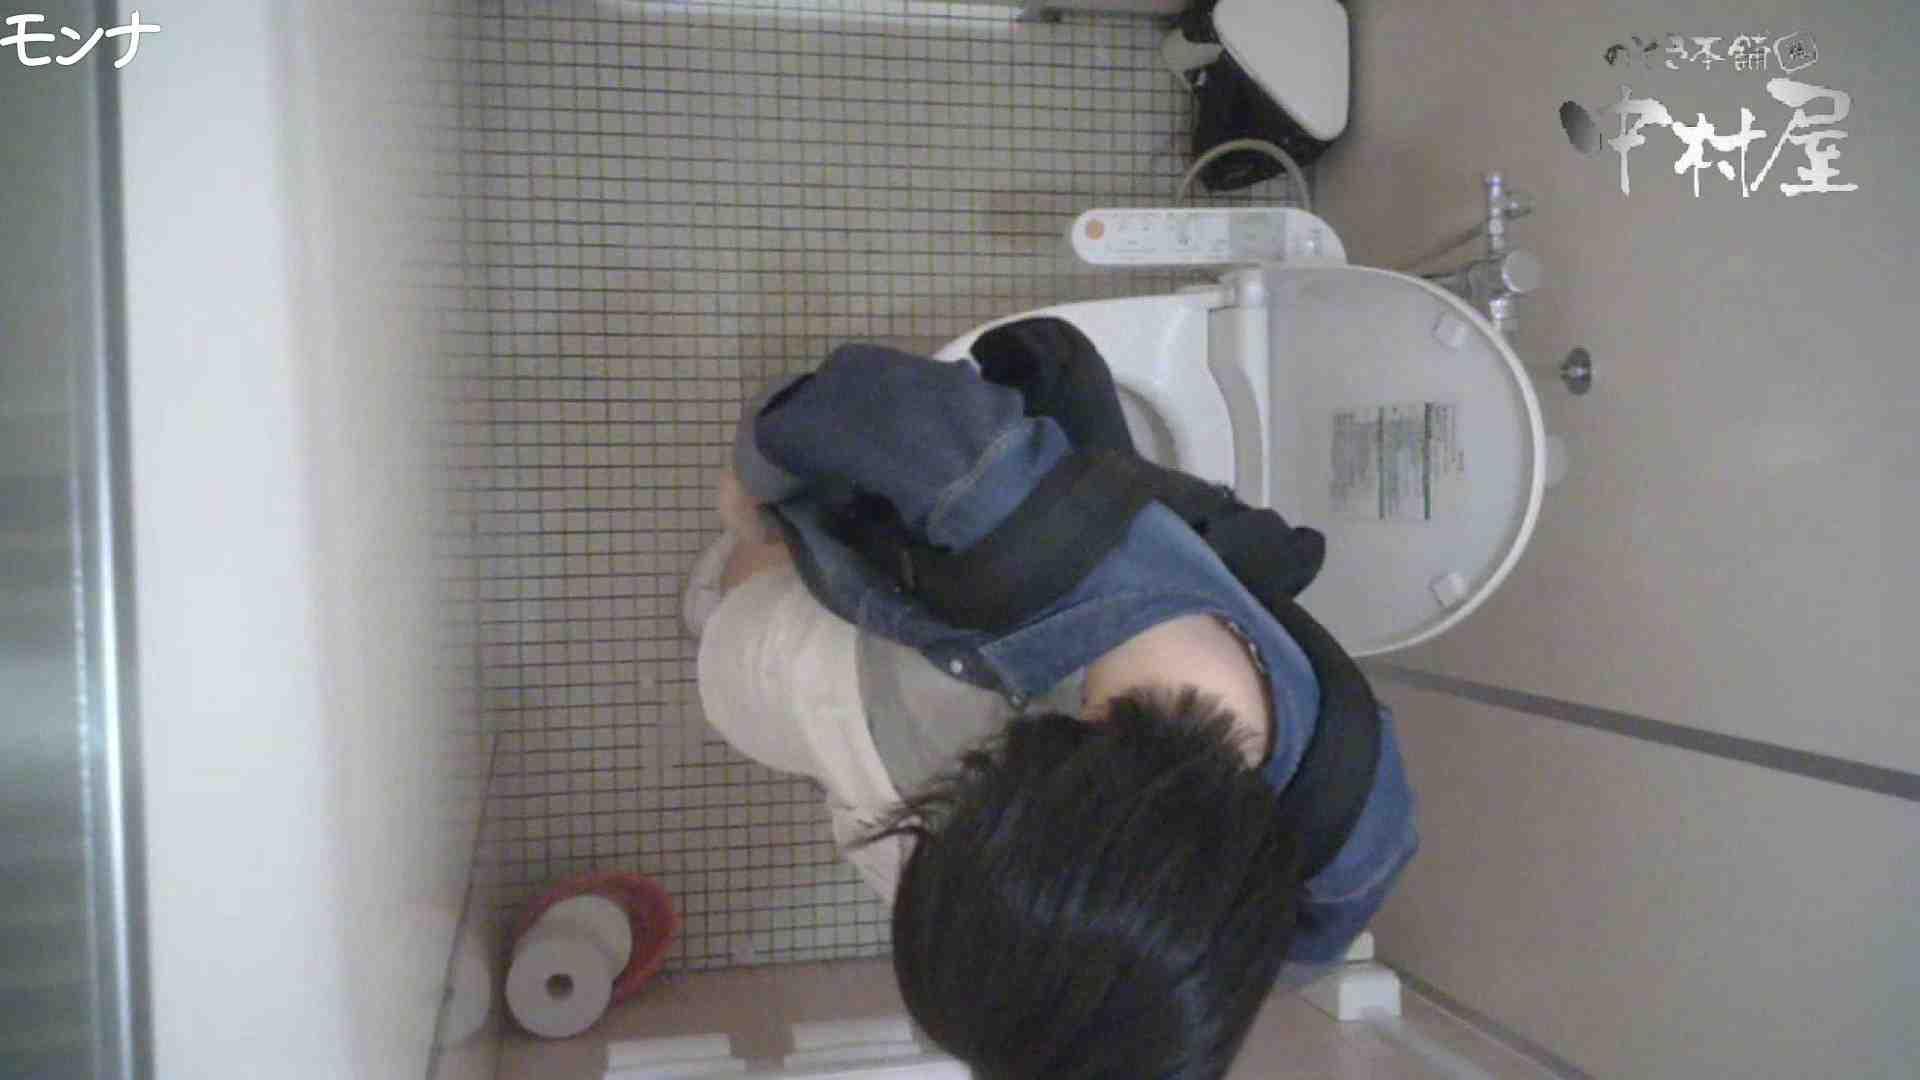 有名大学女性洗面所 vol.65 秘技!!マルチアングル天井撮り!! 和式 | 洗面所  91pic 42